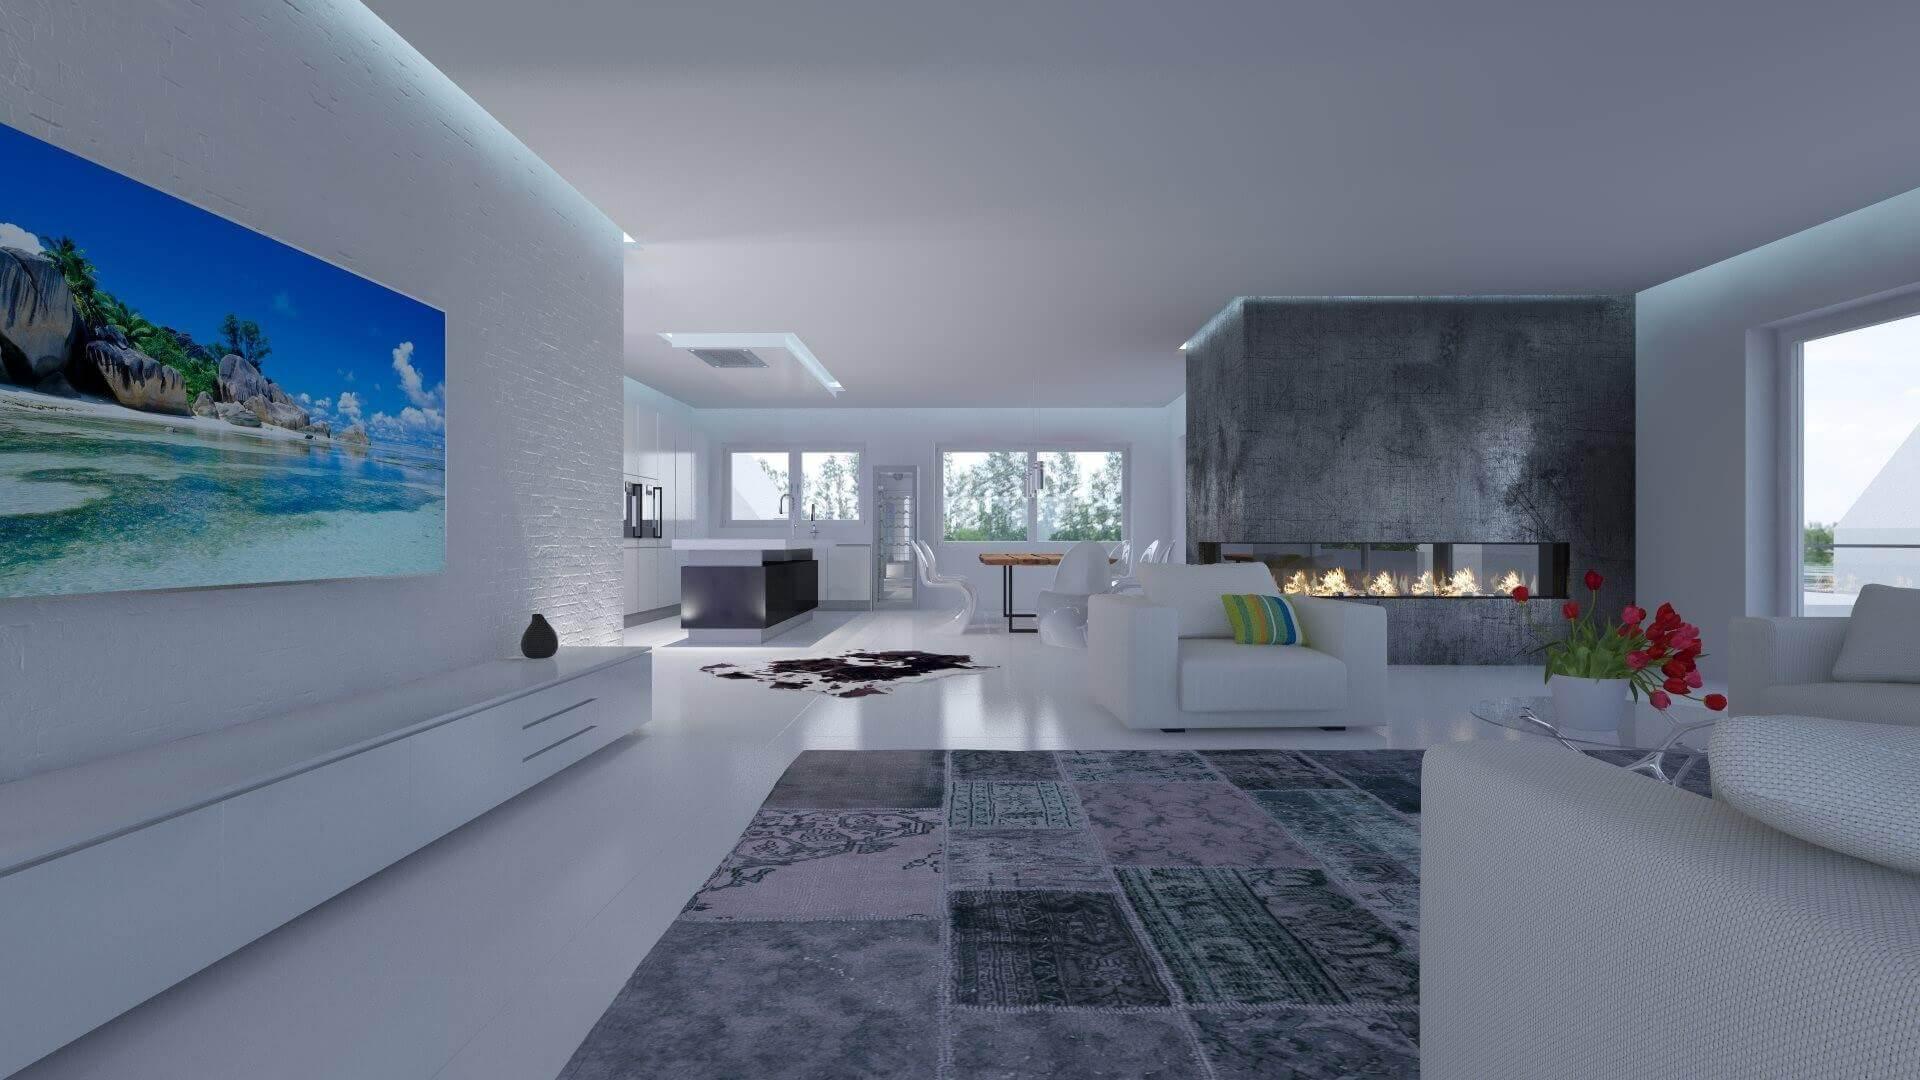 Einzigartig Küchen Und Baddesigns Kae2 schlafzimmer komplett